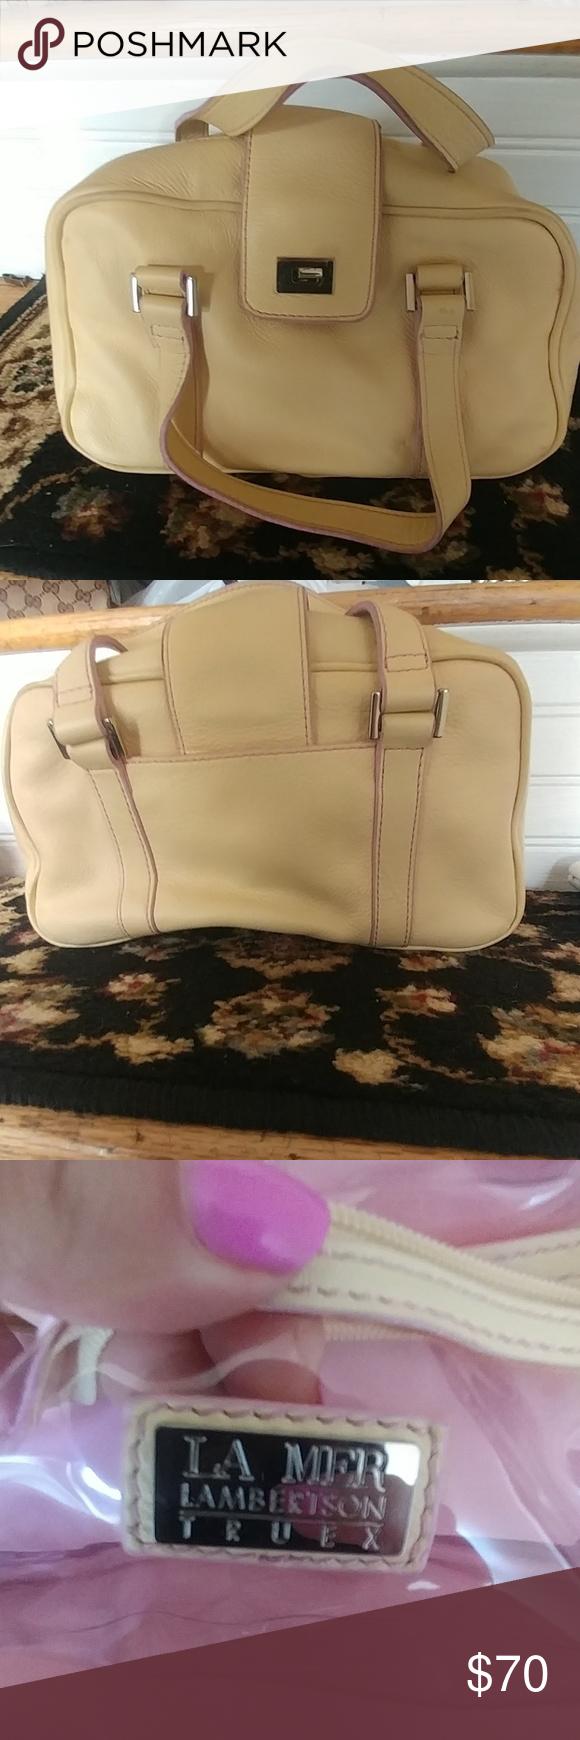 La Mer Lambertson Truex Make up/Travel Bag Bags, Travel bags